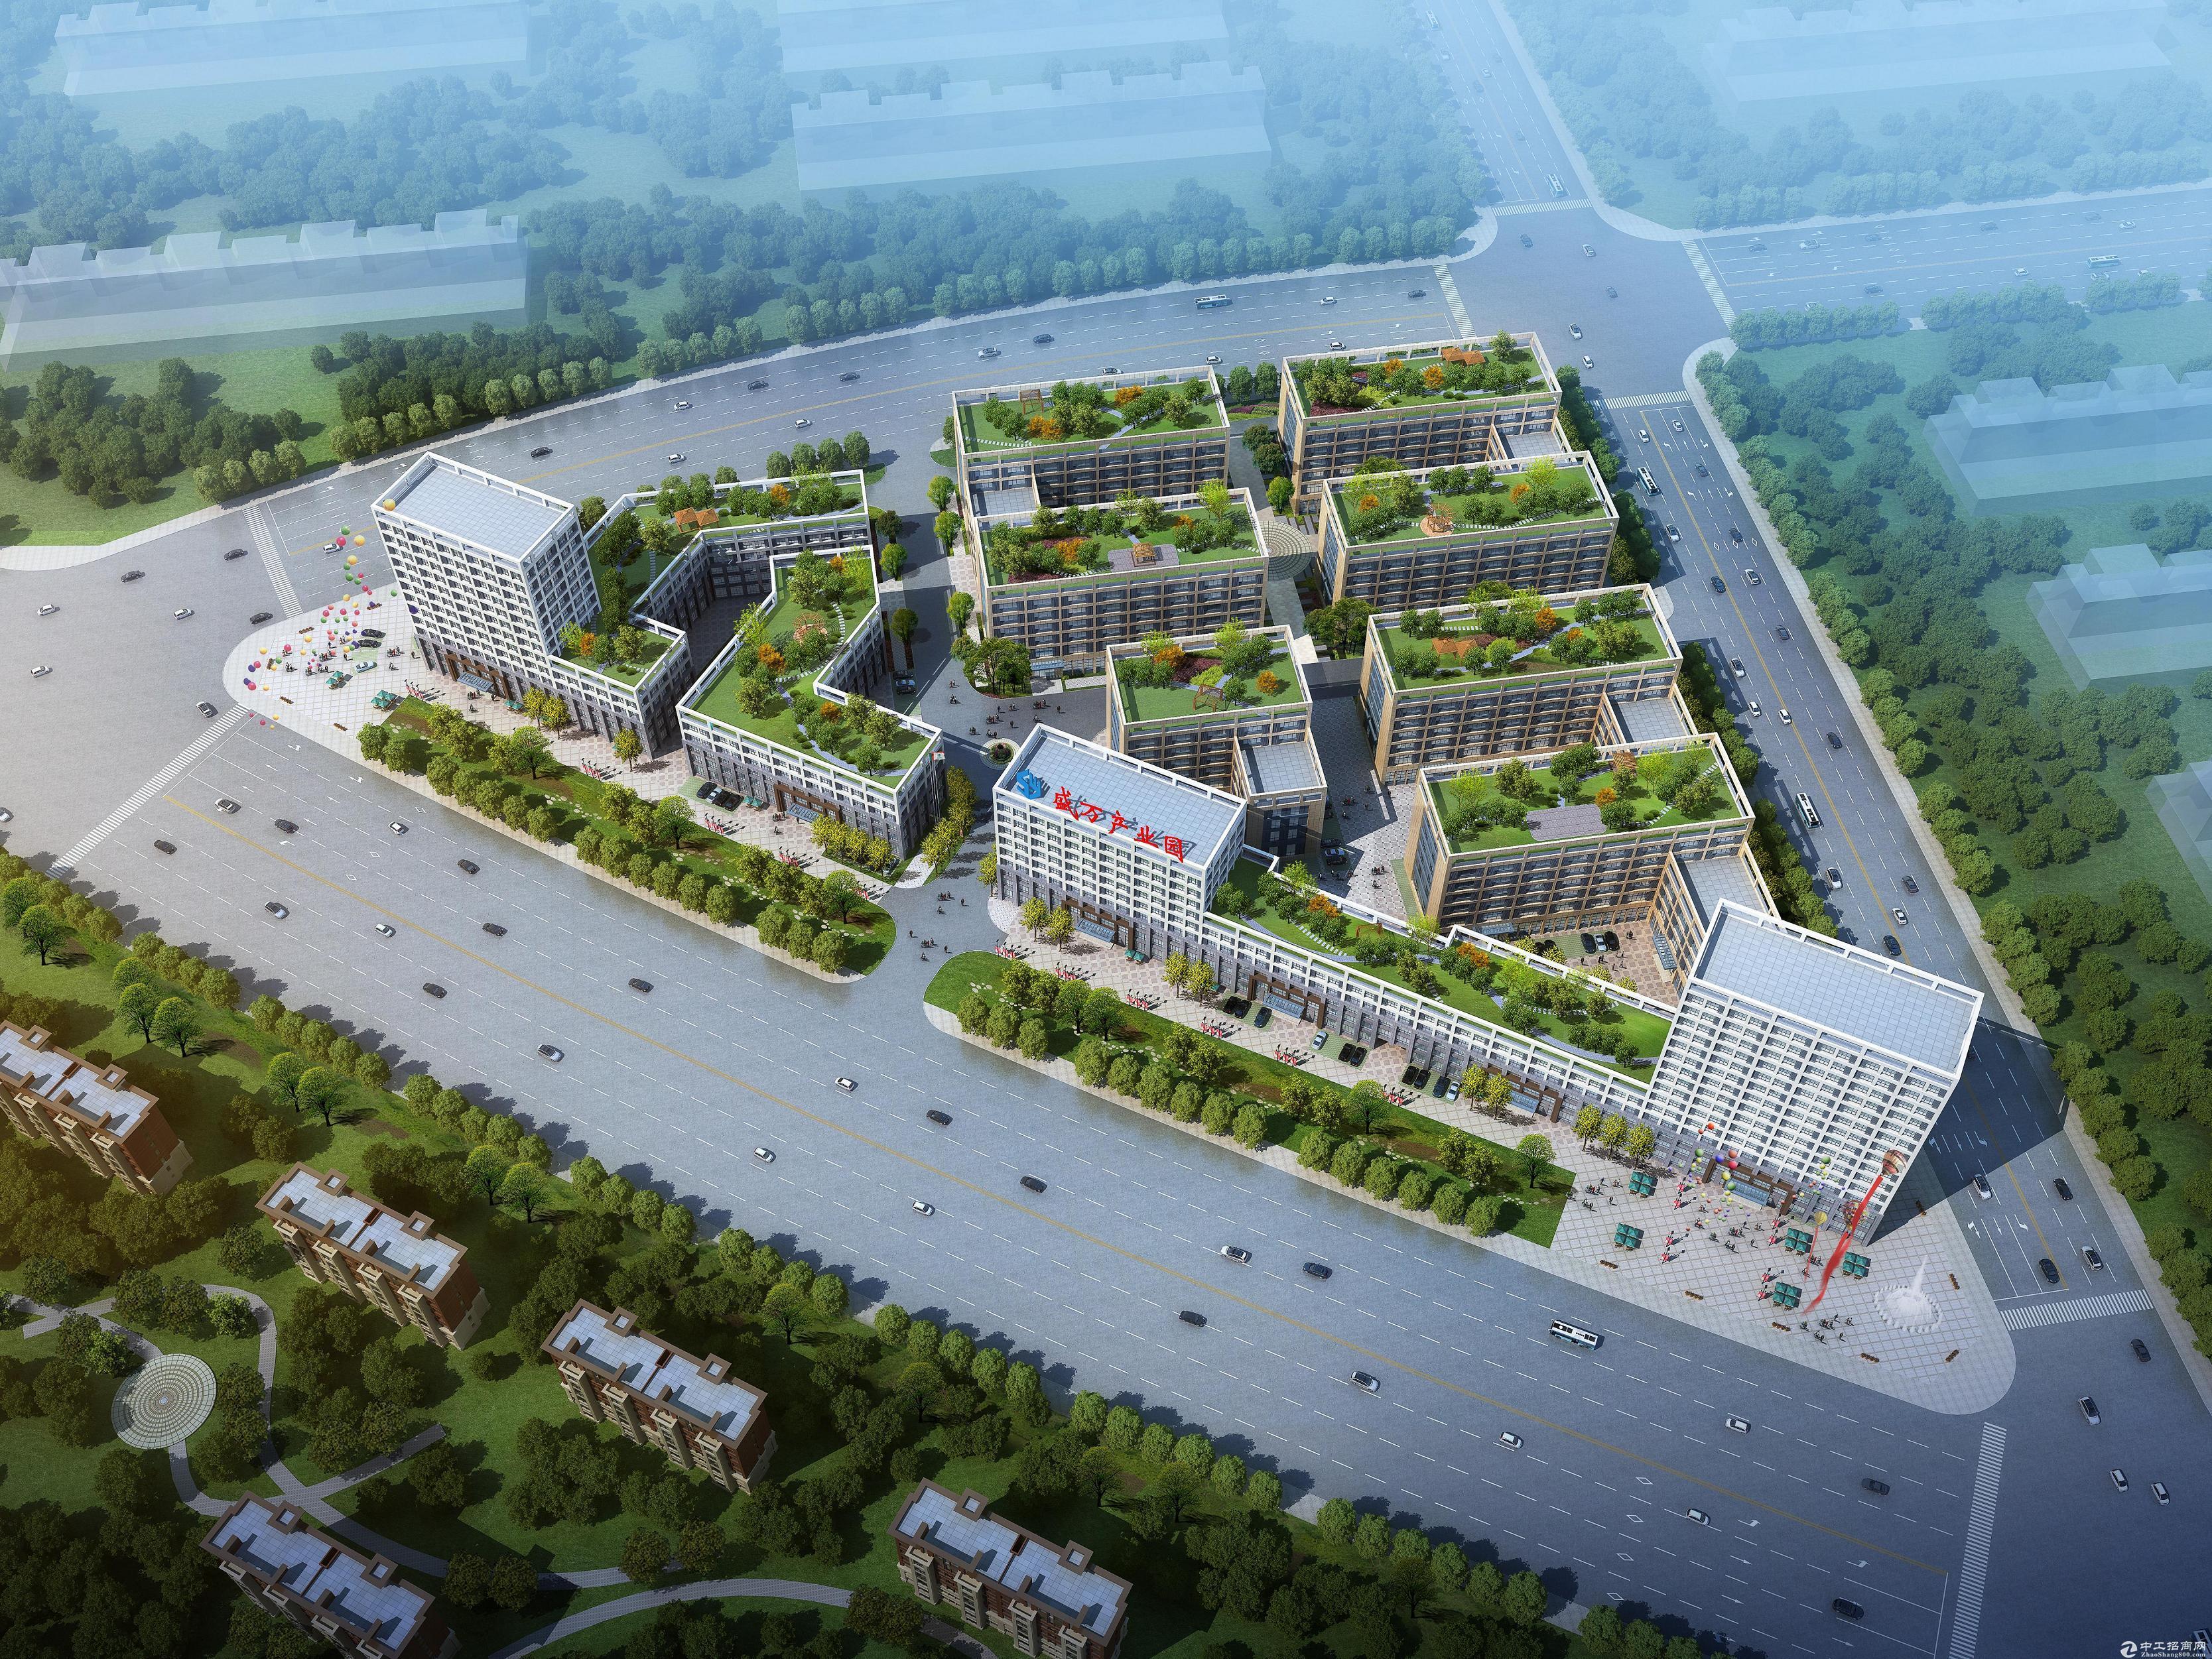 新建园区总占地面积140亩,建筑面积13万多平方,分为多层、高层、小高层,产权独立,可选面积多,从292平,340平,400平--1782平单间、单层至整栋、独栋,应有尽有。 花园式厂房、墅式办公,南北通透,周边主干道环绕,距政务区、高新区、经开区、肥西县城10分钟车程,配套有食堂、宿舍、工业超市、天然气,独立排气、排烟管道及专用污水沉淀池,园区主要以生产制造、仓储物流、办公、企业总部、机械设备加工、机电电子、新能源、包装辅材、电子商务、办公、研发、展厅、商业等一体化等为主。 产权独立,可办理按揭,方式灵